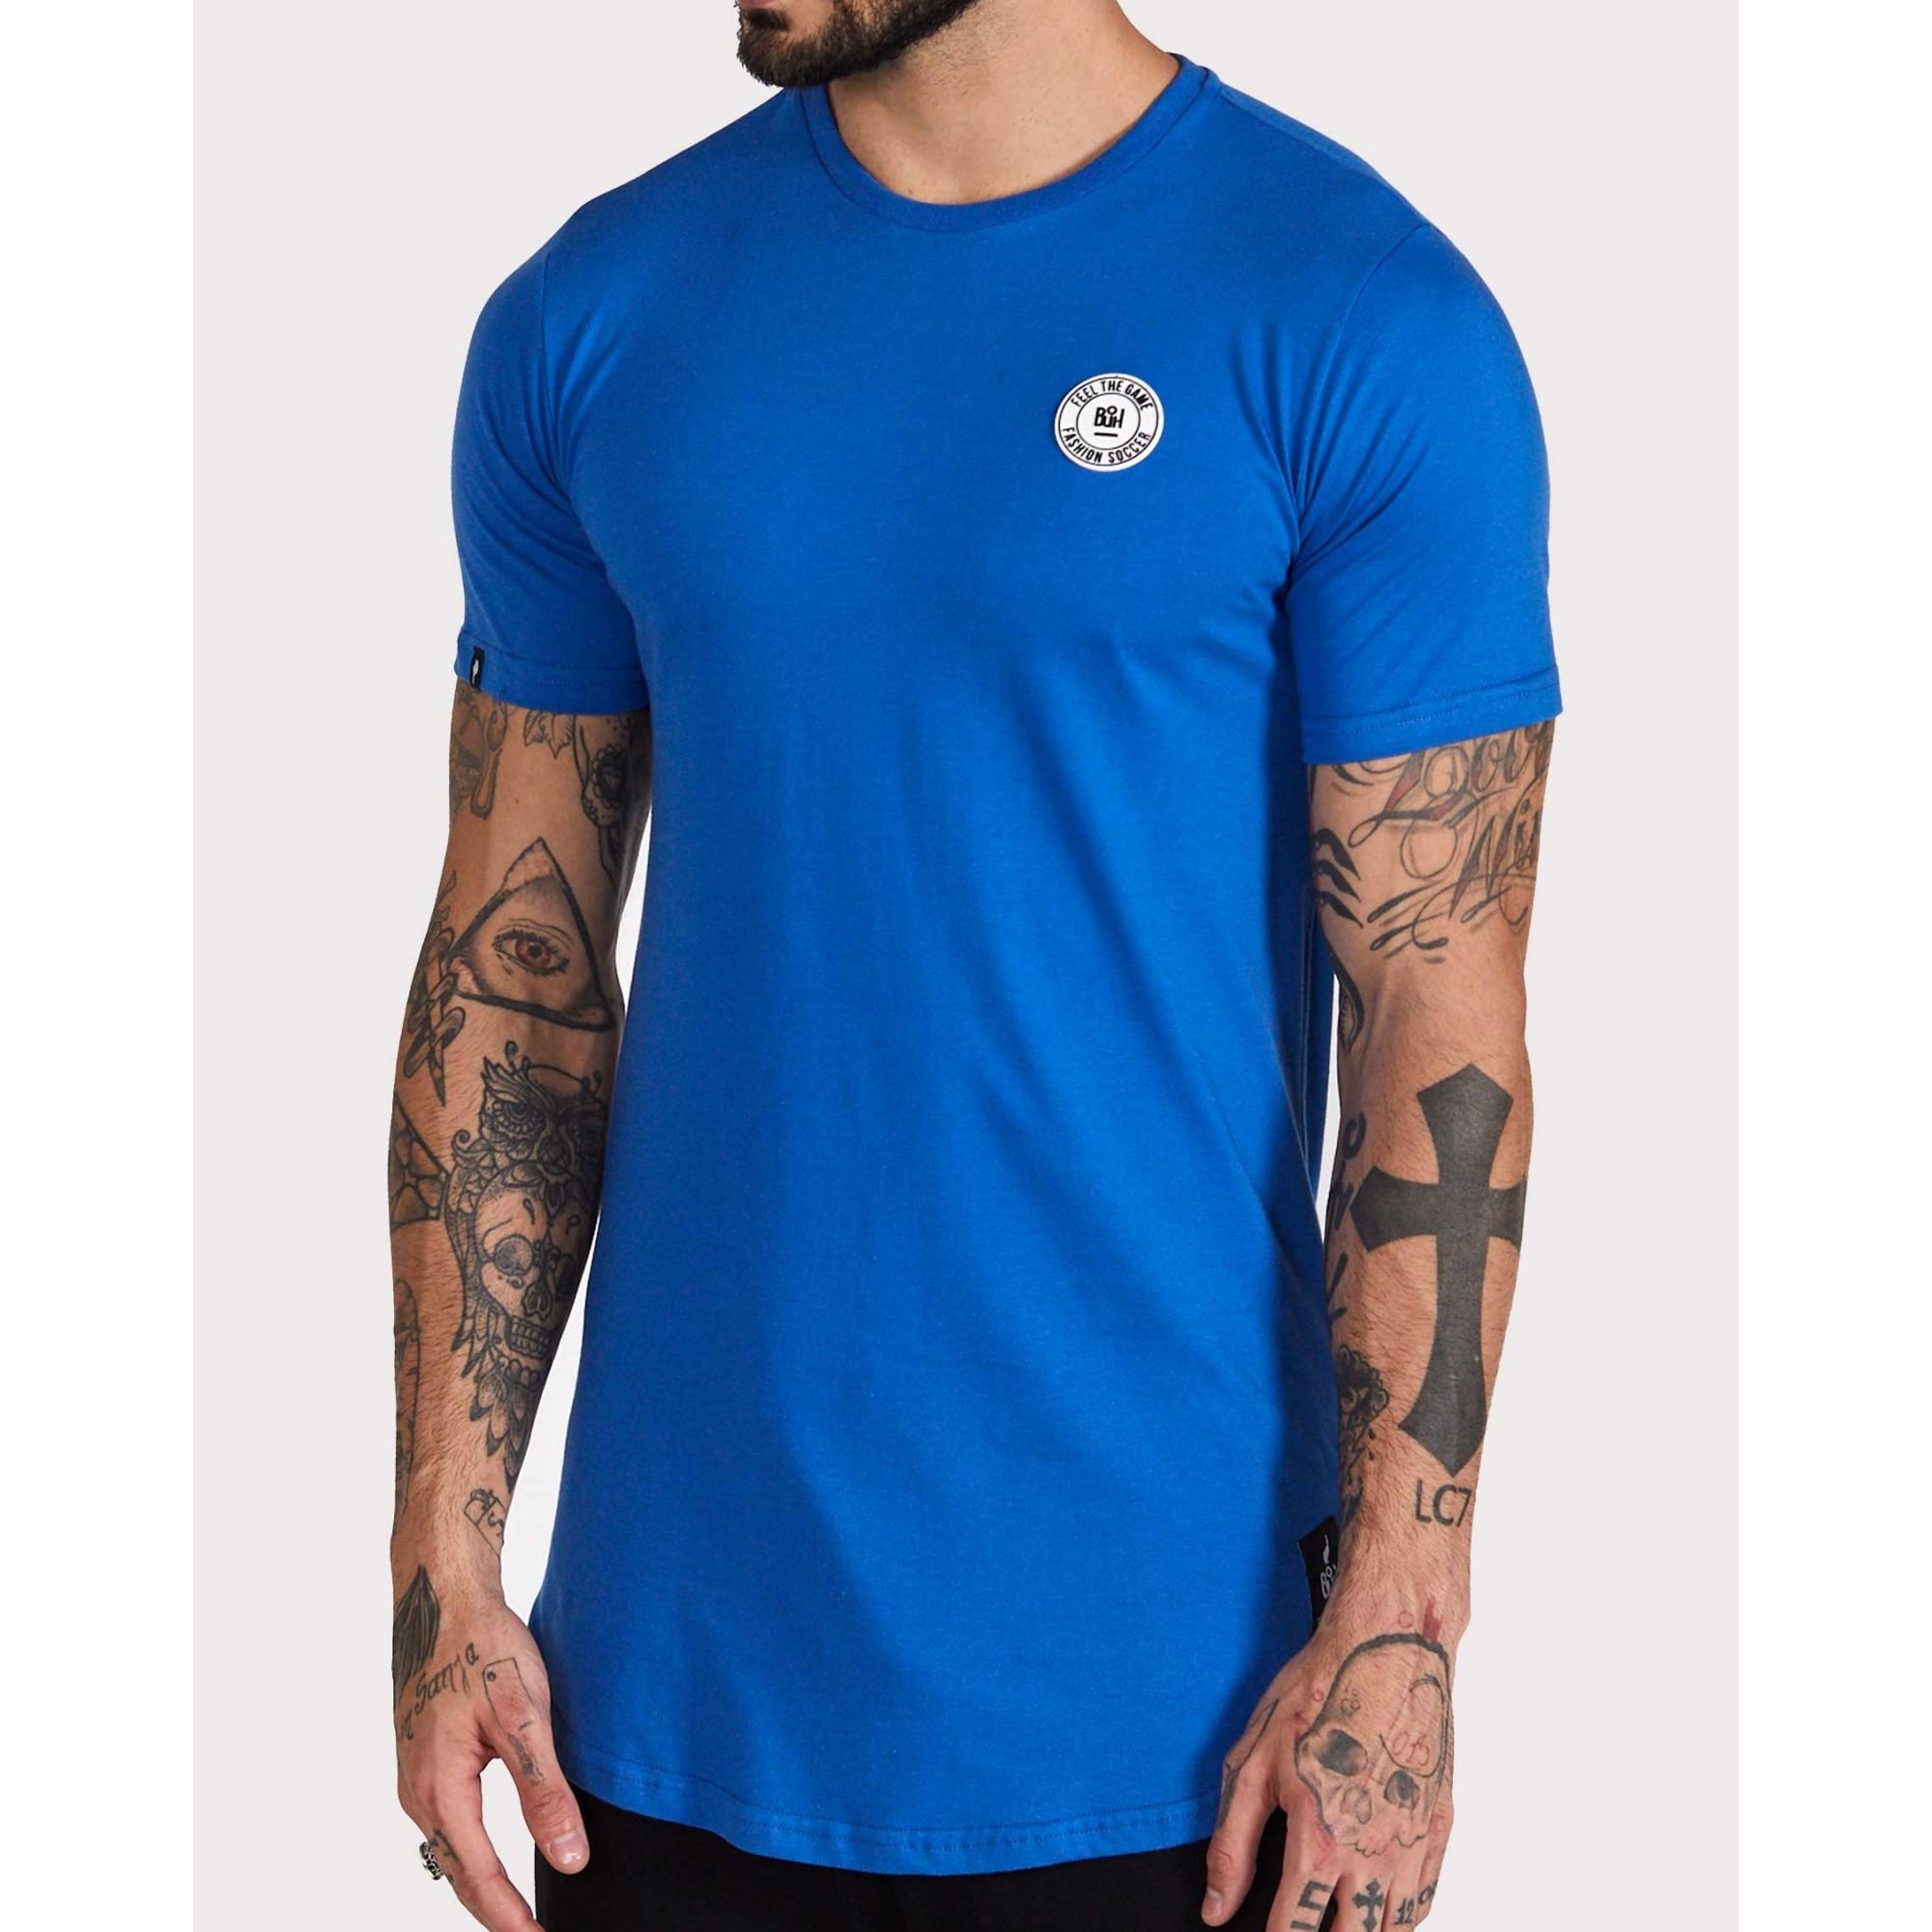 Camiseta Buh Basic Rubber Blue